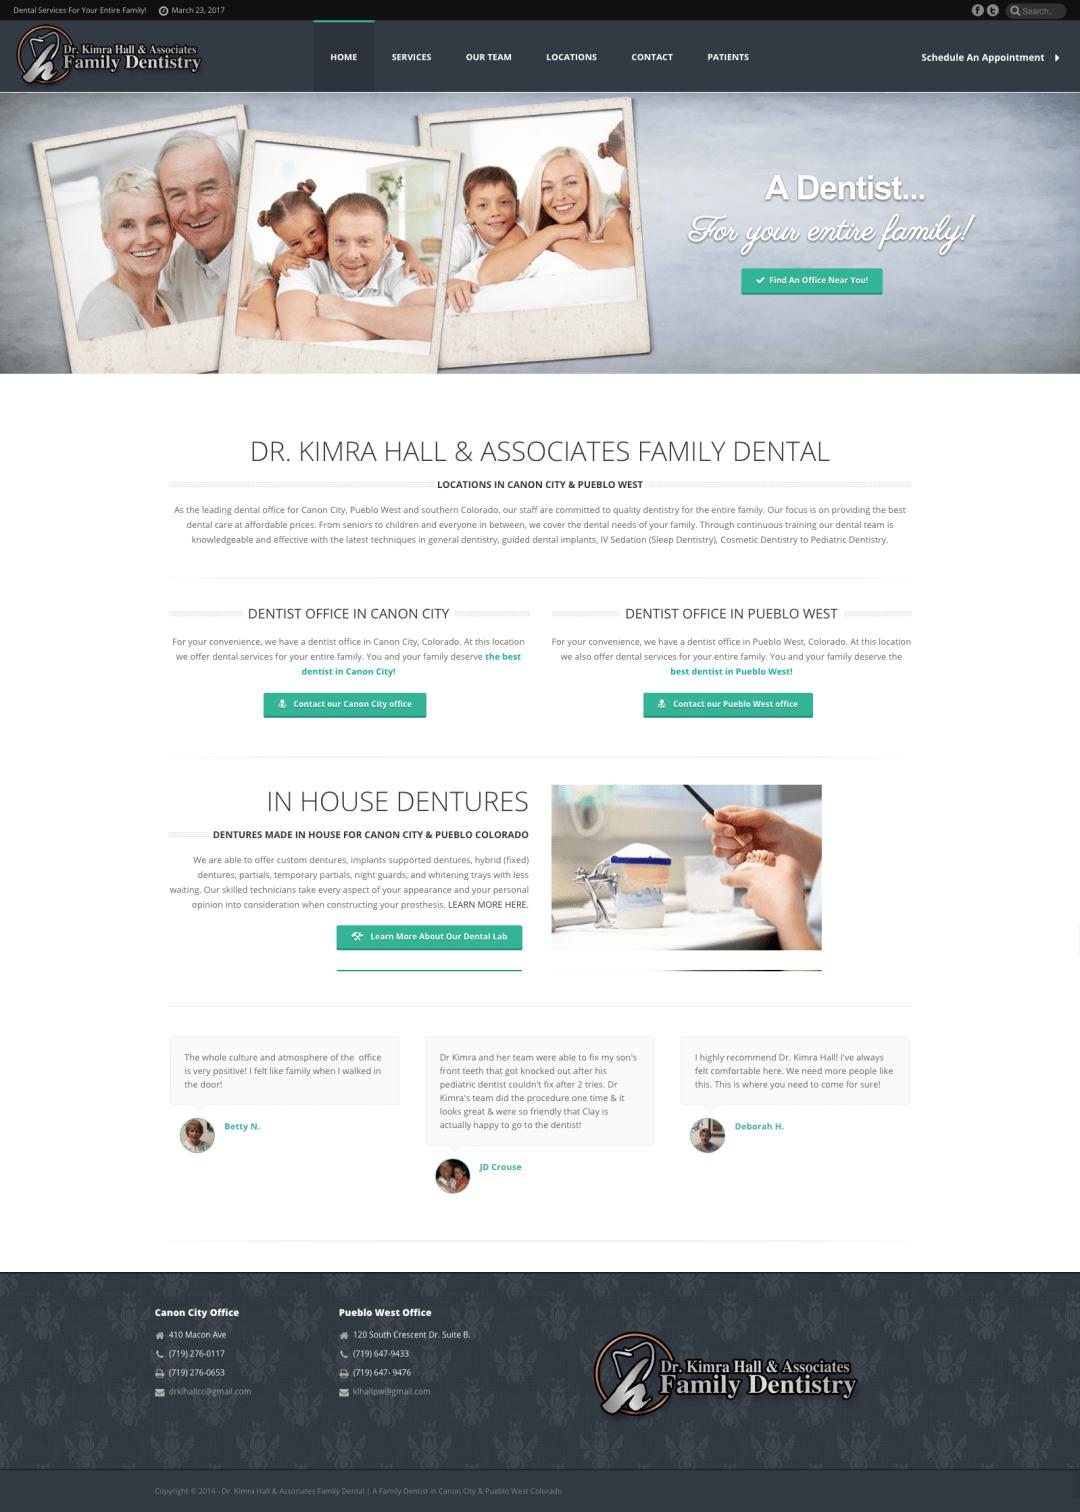 drkimrahallwebsite